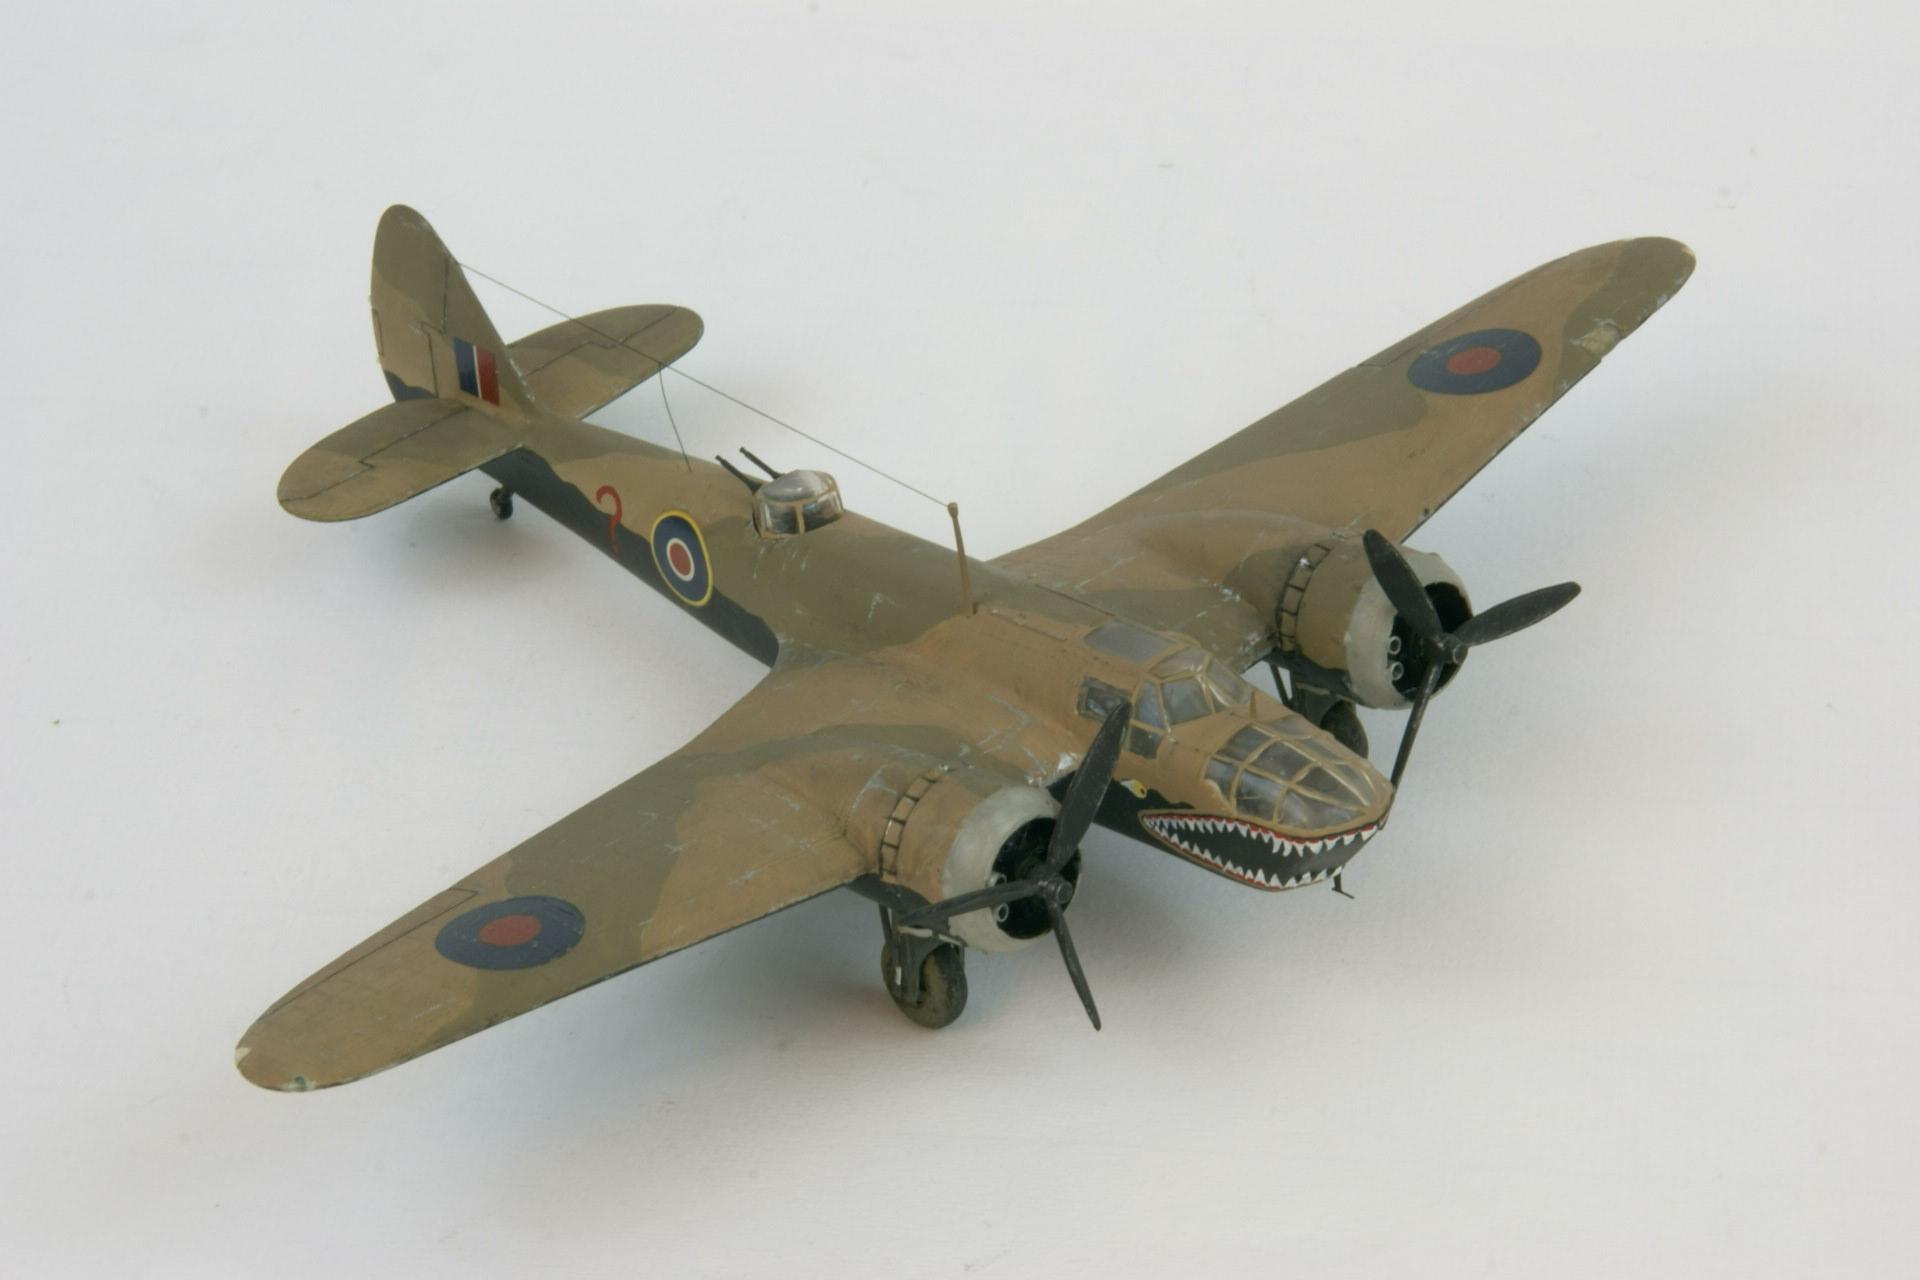 Bristol 149 blenheim iv 1